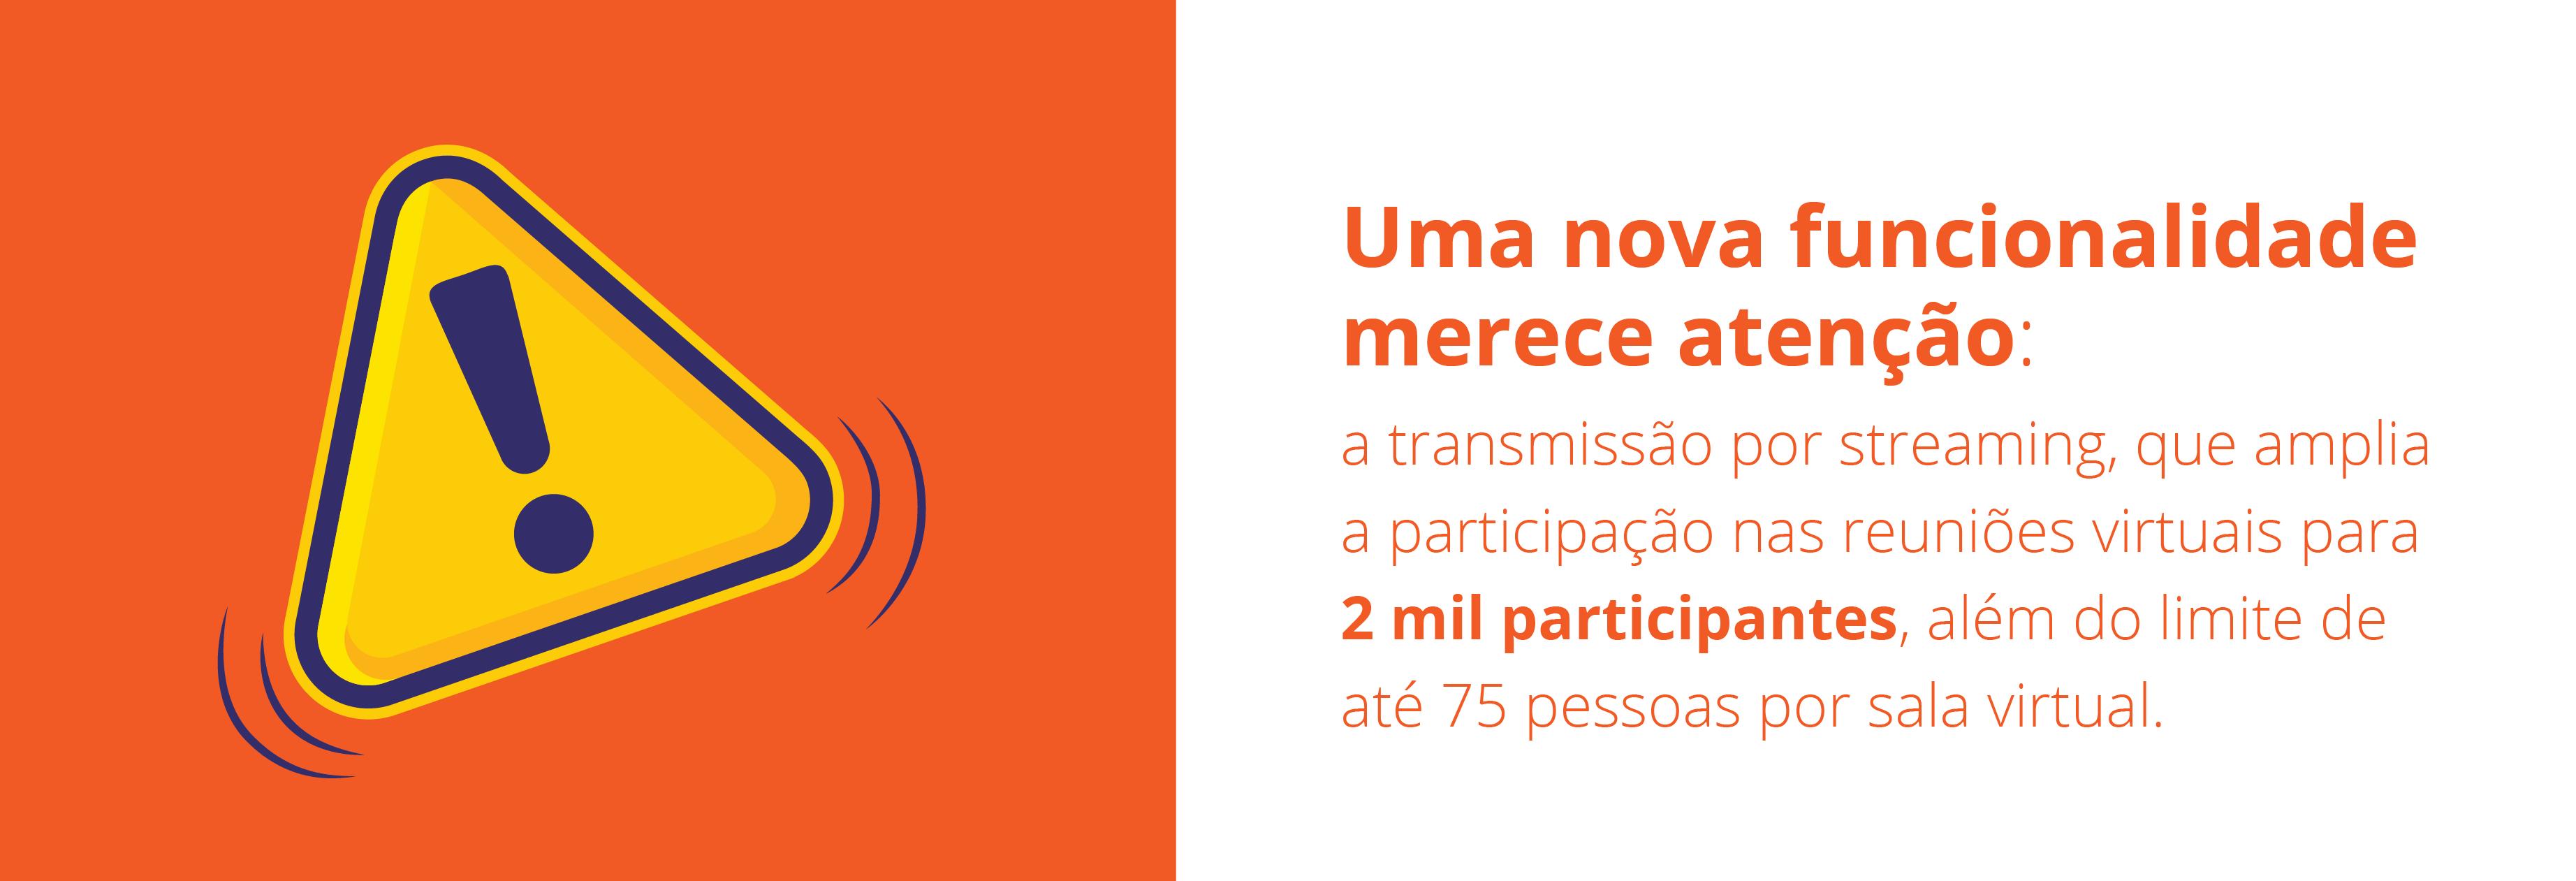 A transmissão por streaming amplia a participação nas reuniões virtuais para 2 mil participantes